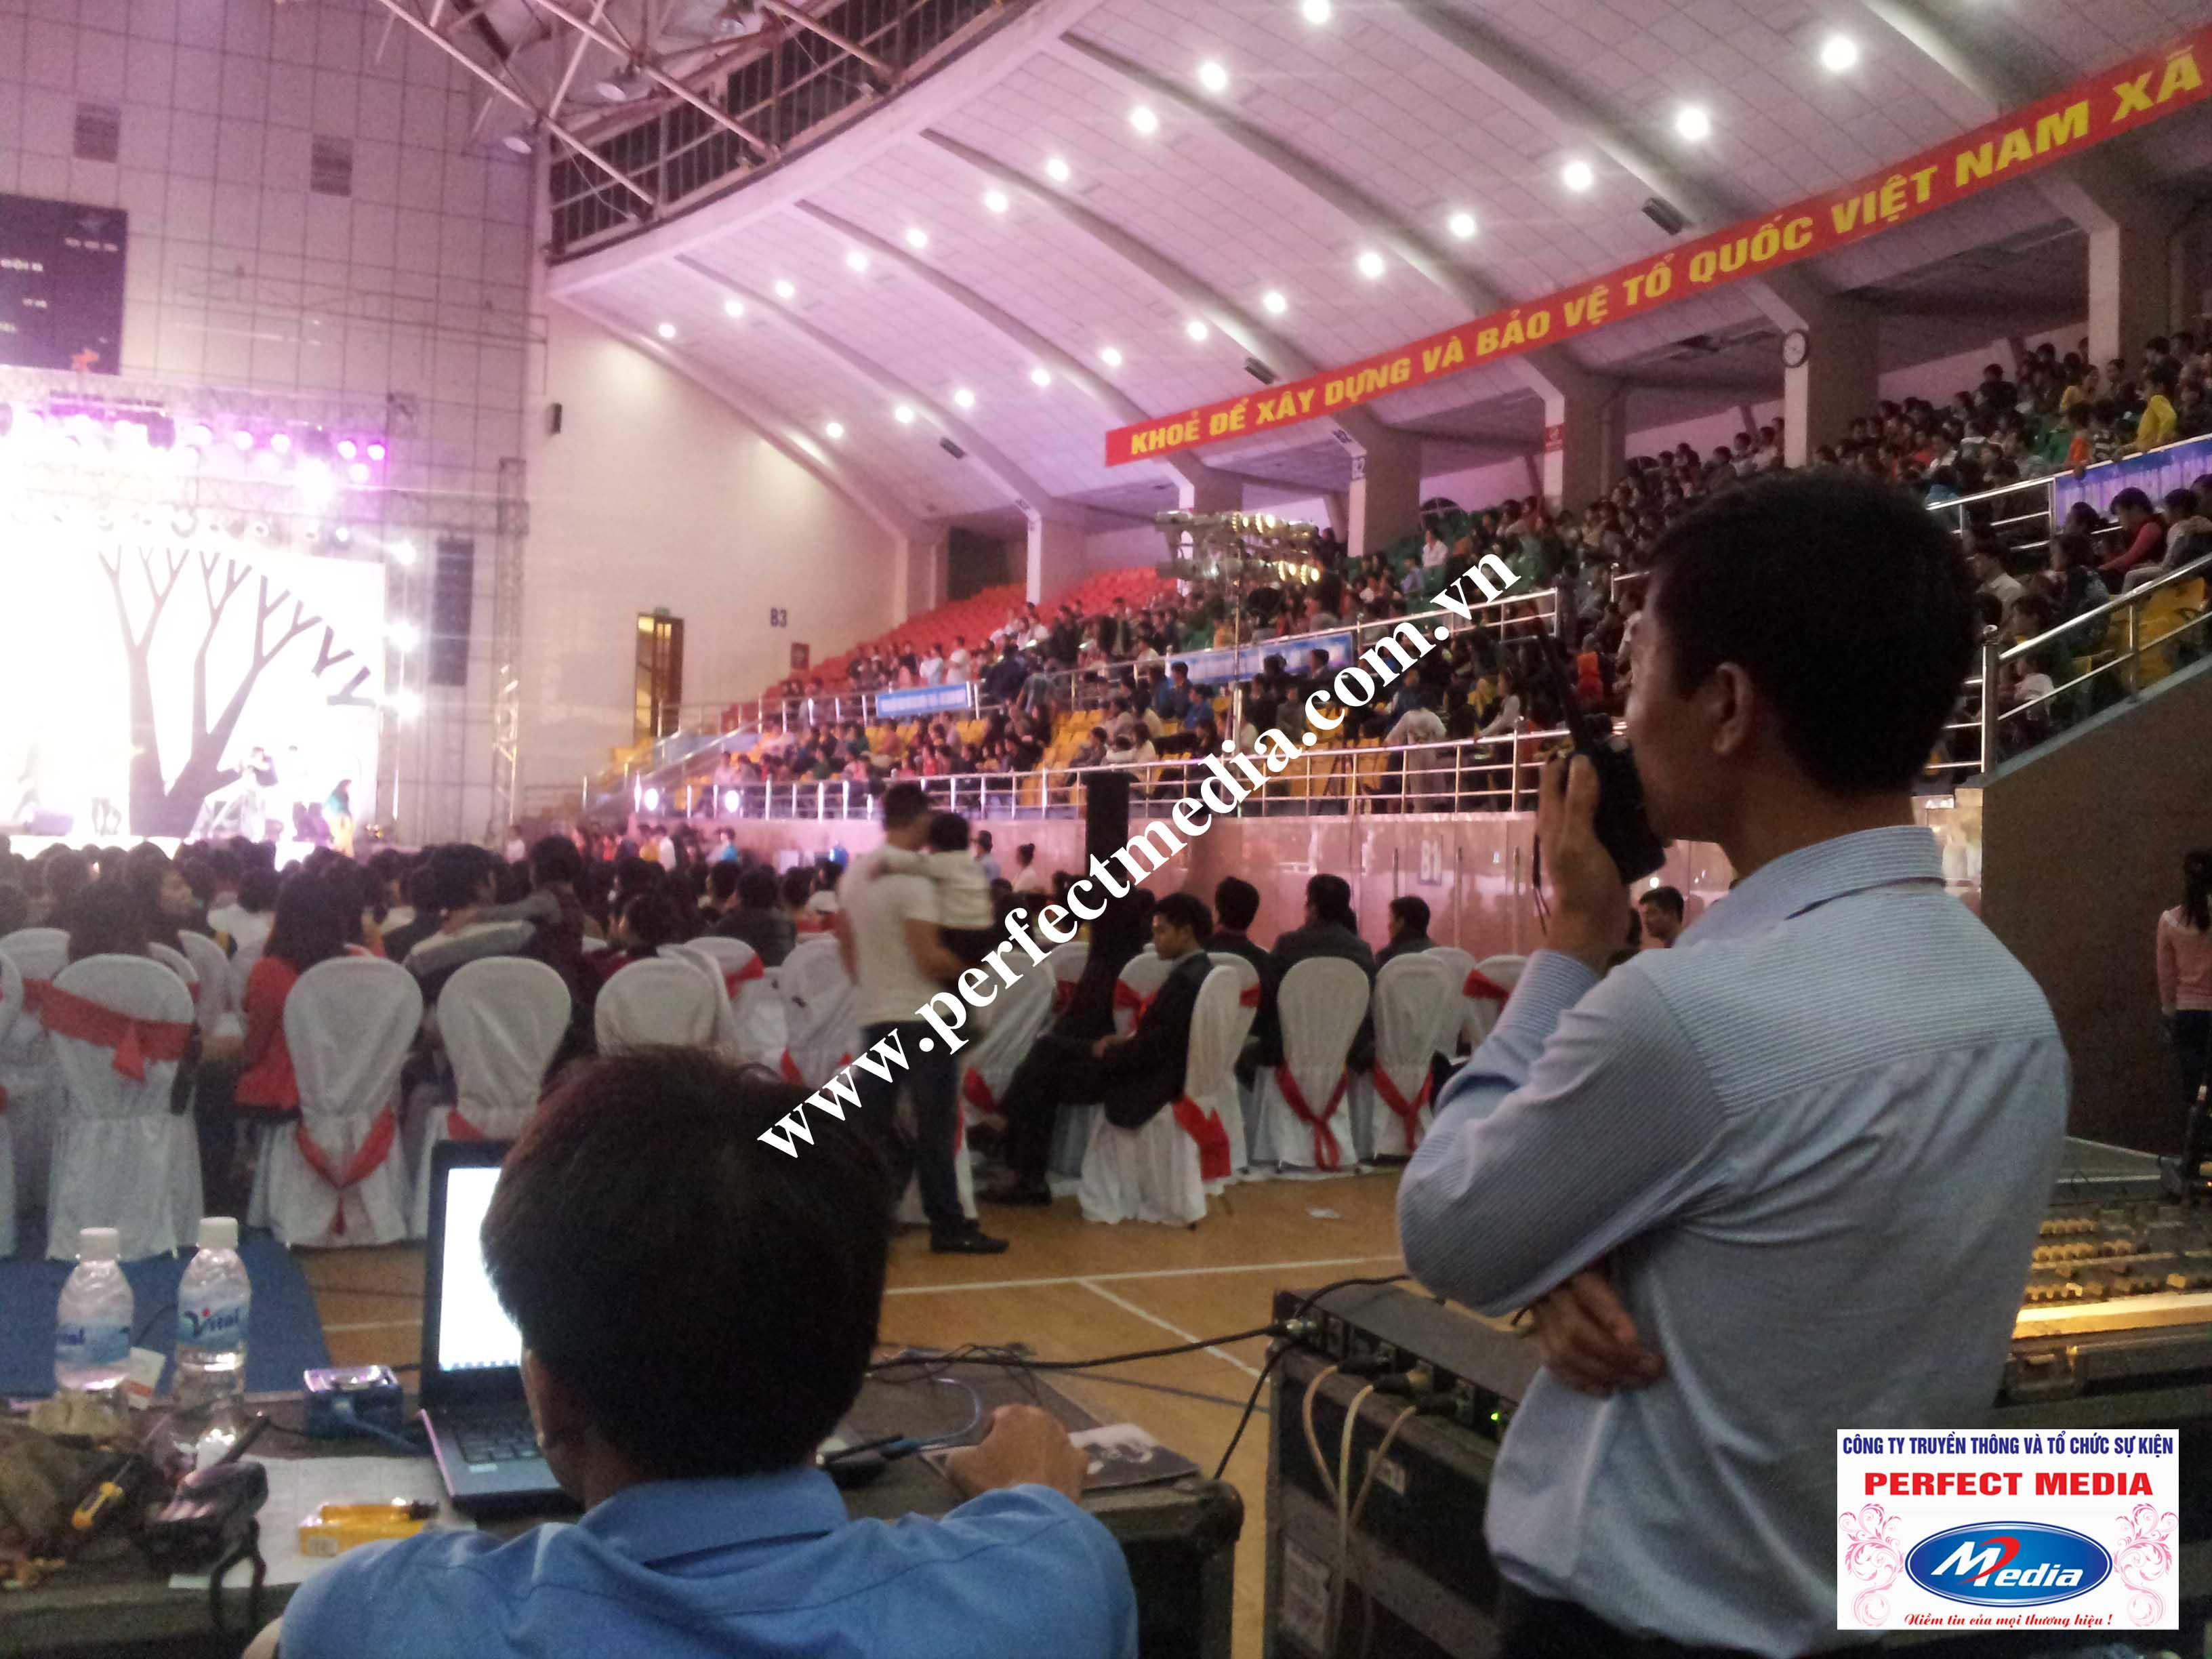 Kỹ thuật viên âm thanh, ánh sáng và điều khiển màn hình LED phía cuối hội trường